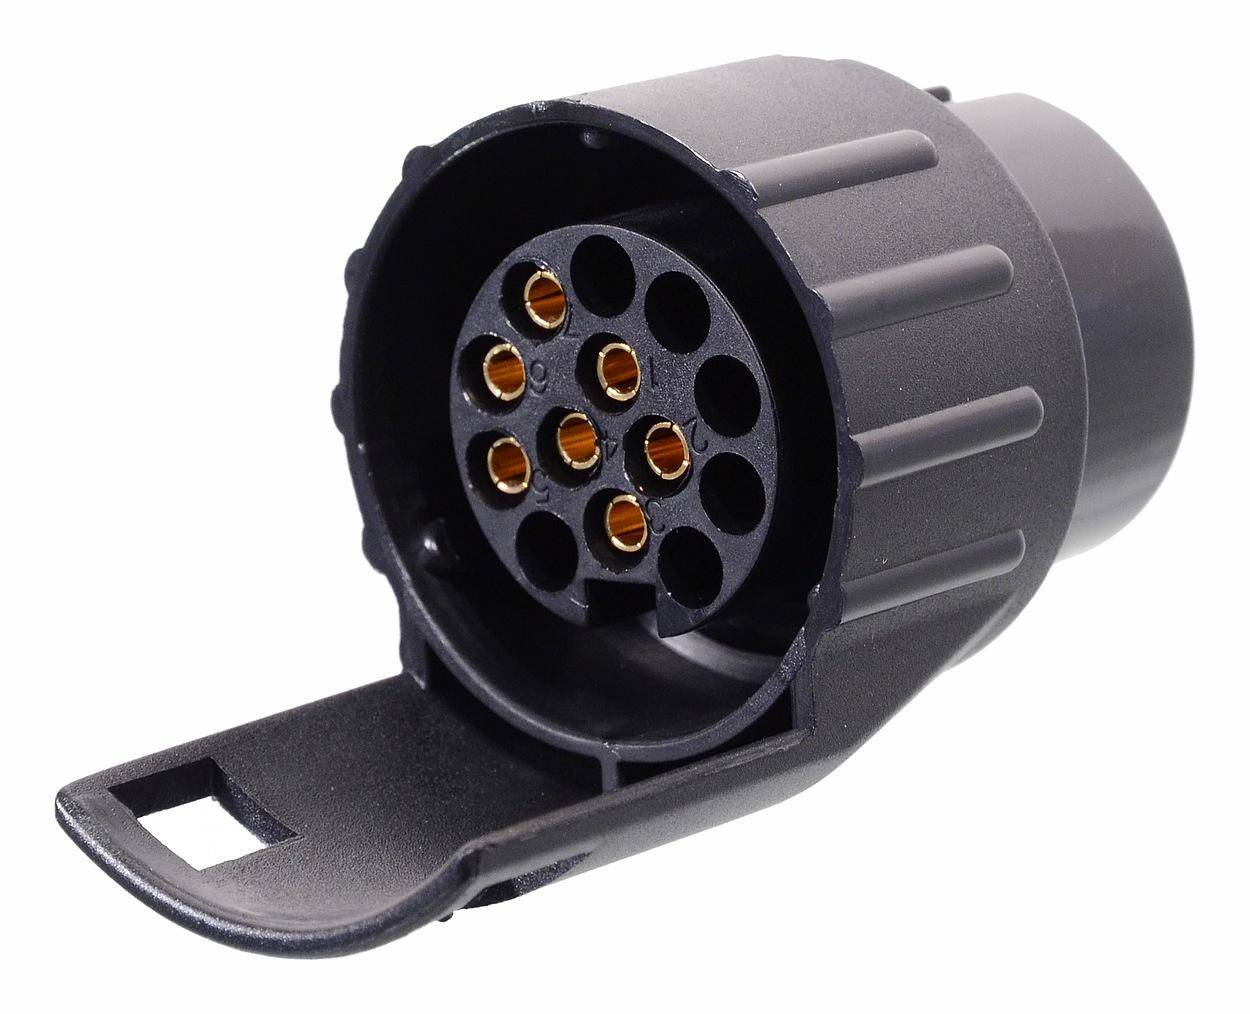 Compass Redukce zásuvky tažného zařízení 7-13 pólů